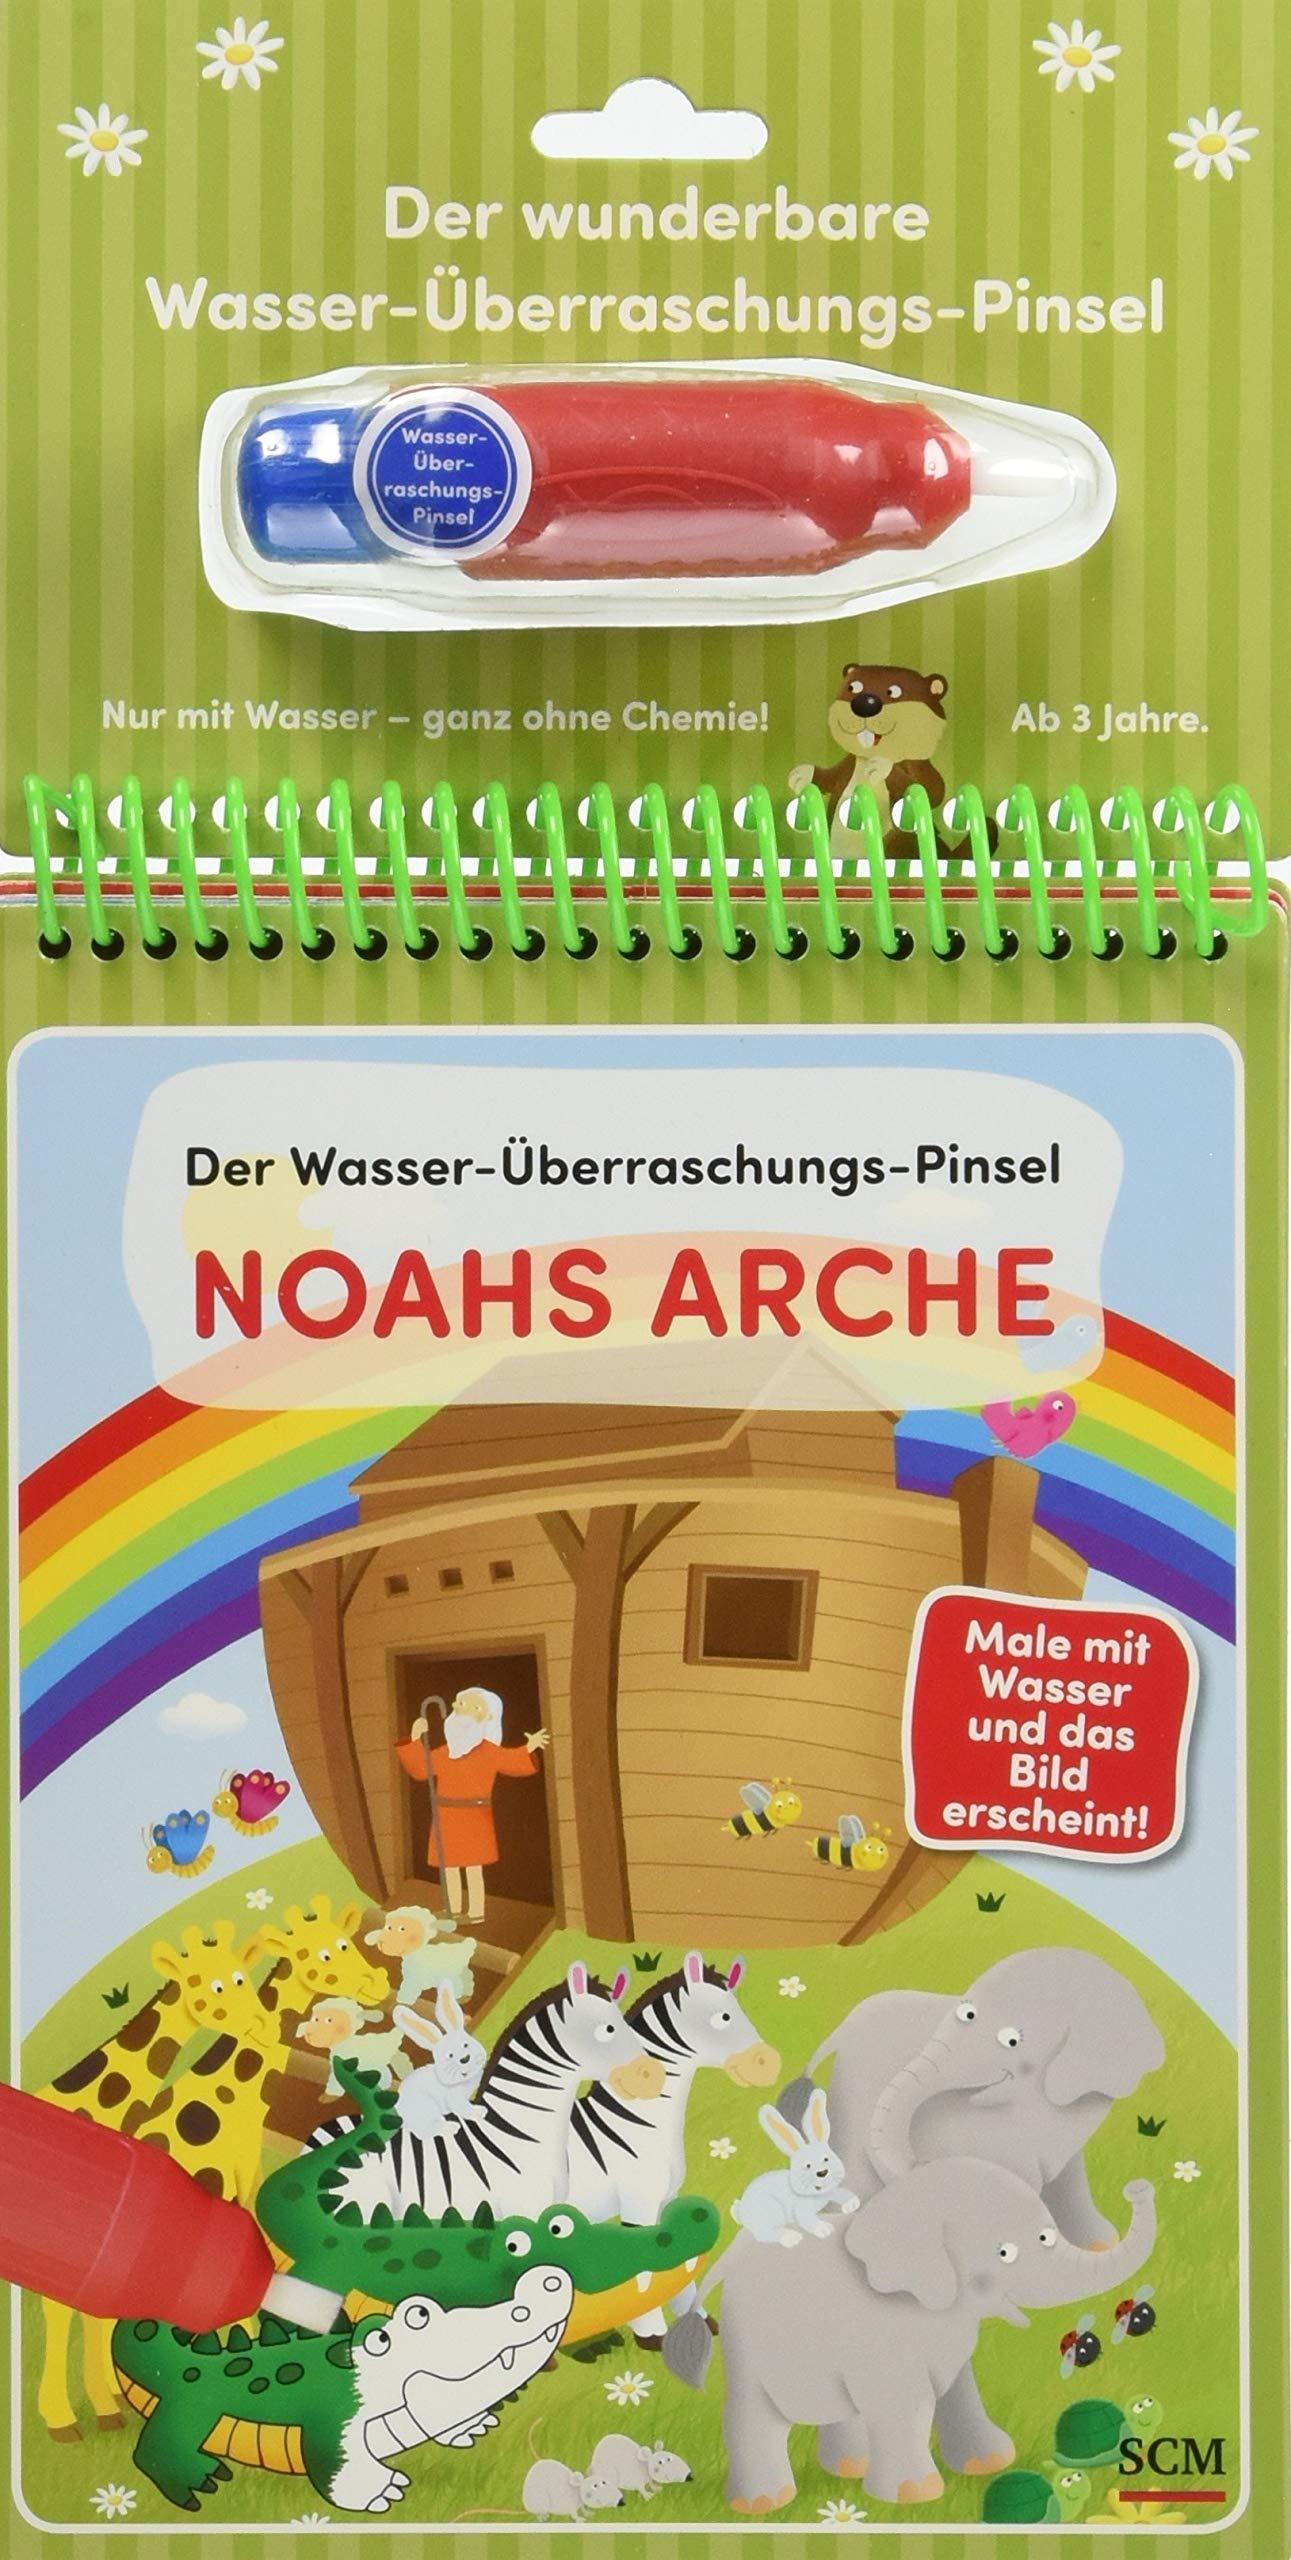 Der Wasser-Überraschungs-Pinsel - Noahs Arche: Male mit Wasser und das Bild erscheint!